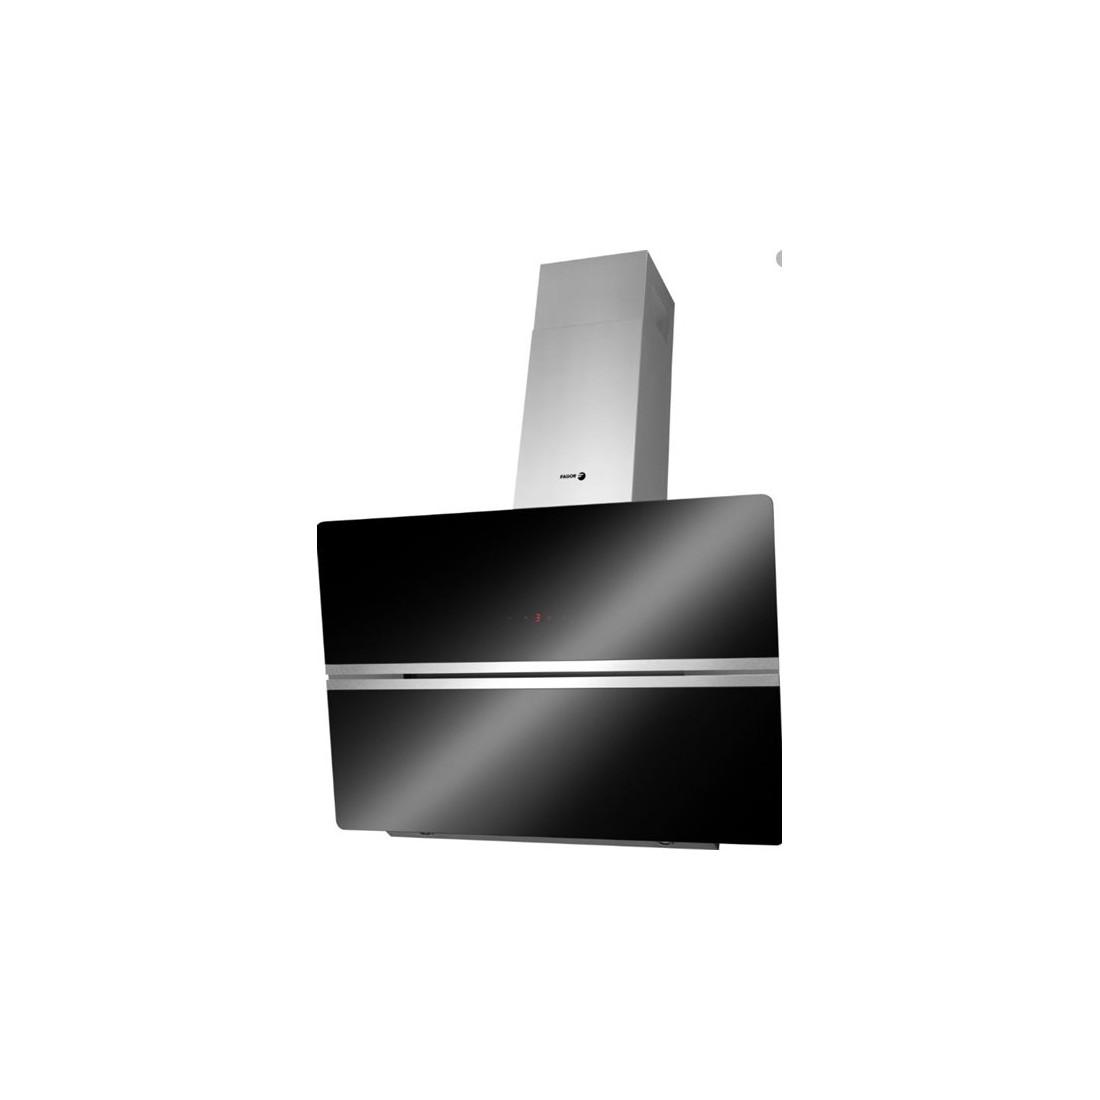 Campana Decorativa - Fagor 3CFT-9007N, Eficiencia B, Acero Inoxidable y negro, Inclinada